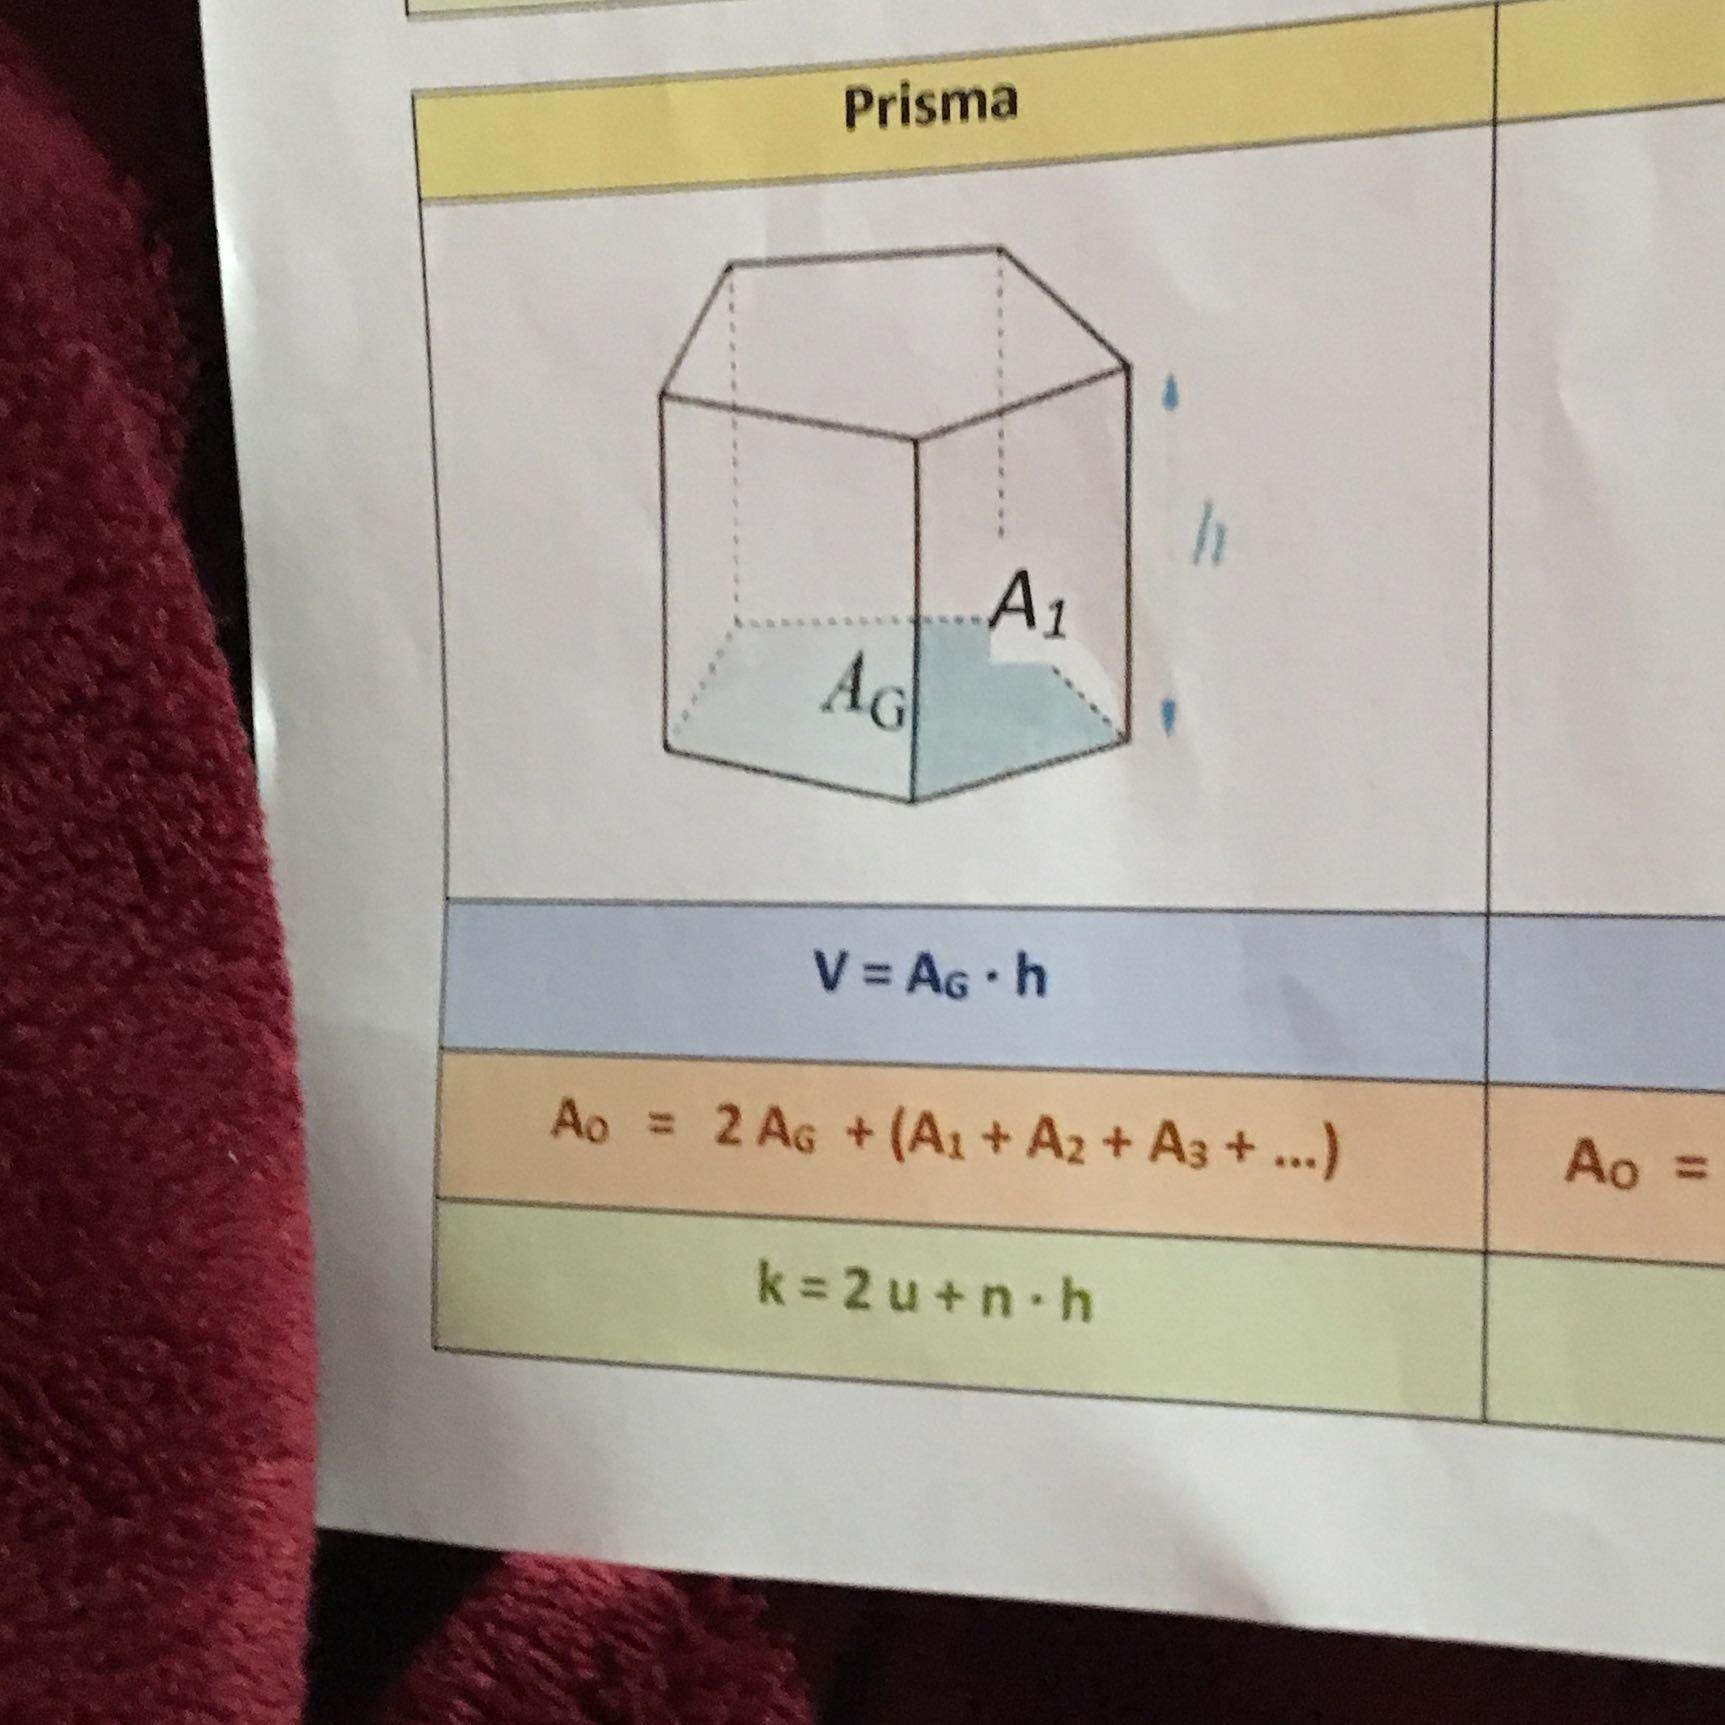 Wie berechnet man die käntenlänge eines Prismas? (Schule, Arbeit, Mathe)